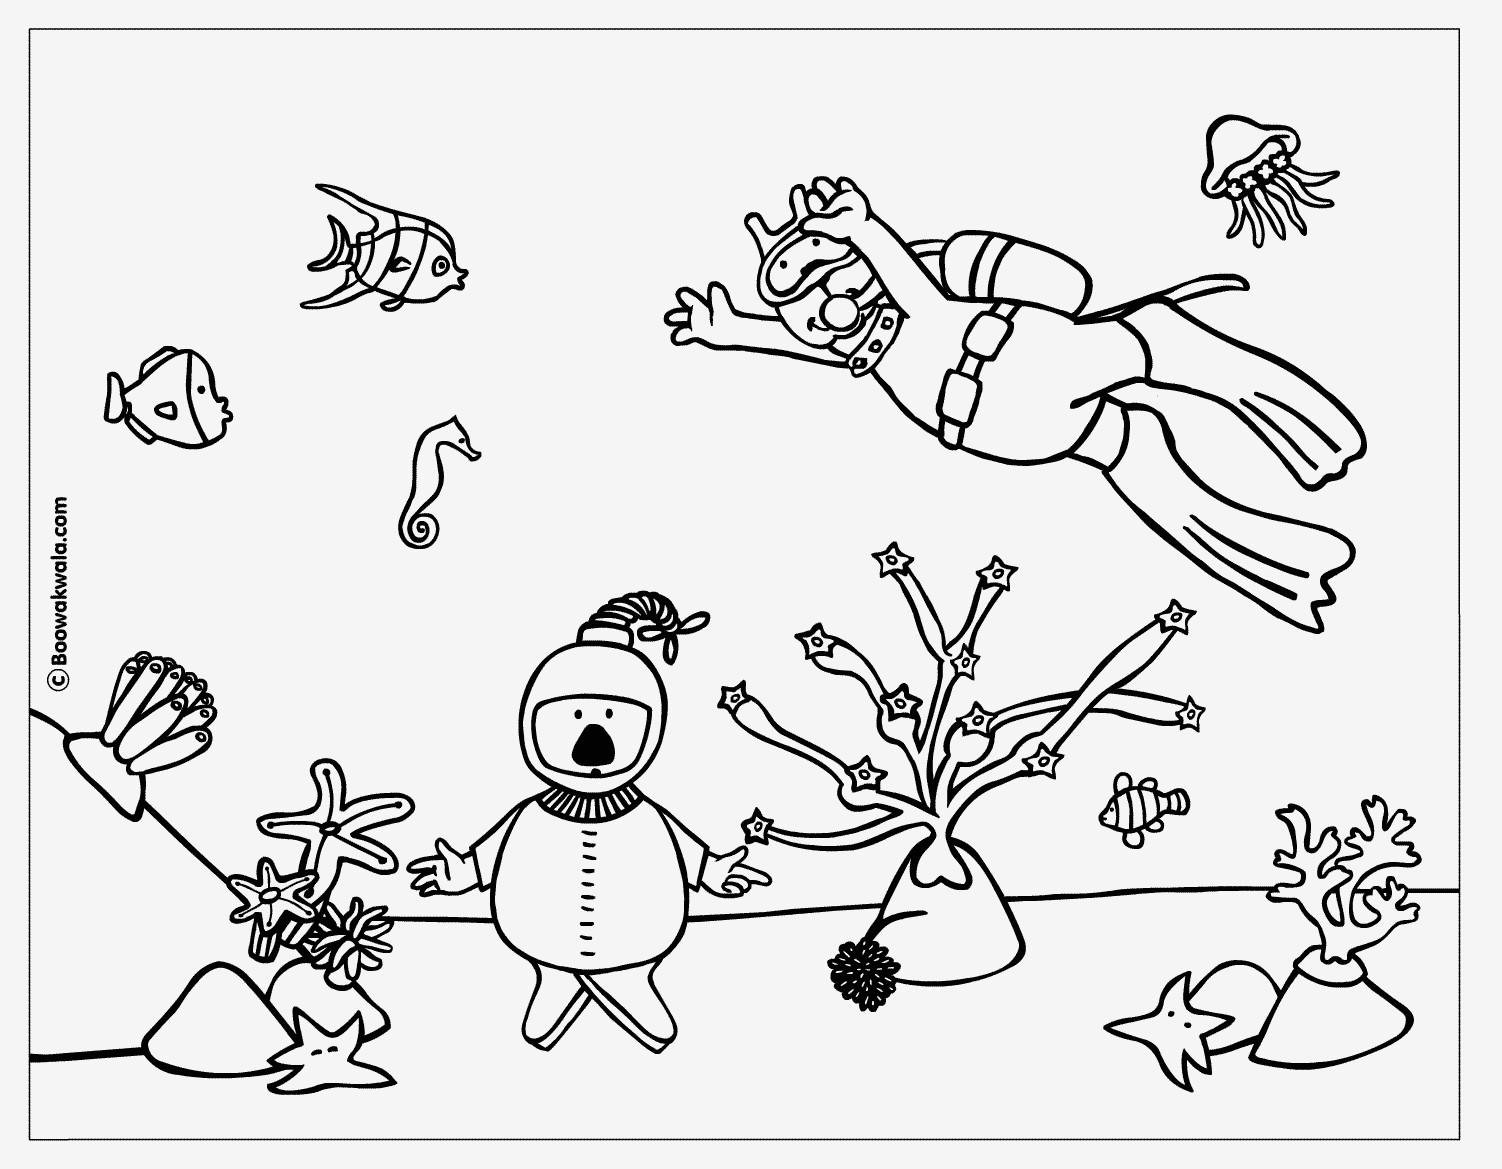 Manuel Neuer Ausmalbilder Inspirierend Beispielbilder Färben Ausmalbilder Unterwasserwelt Galerie